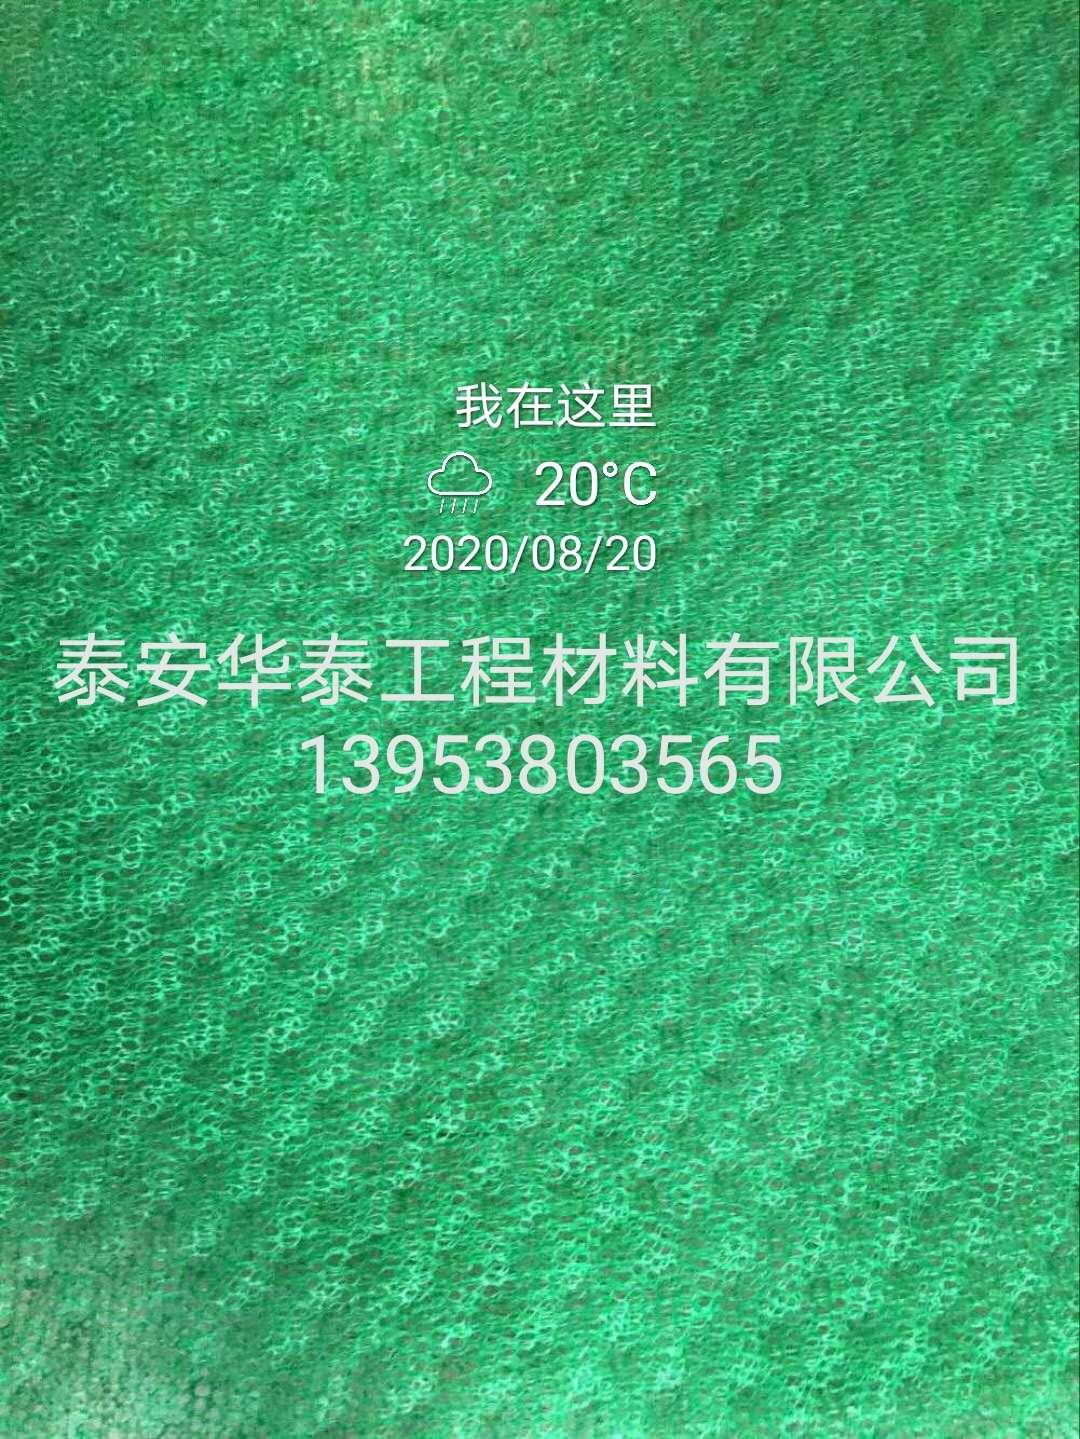 三維植被網 規格:EM2 EM3 EM4 EM5